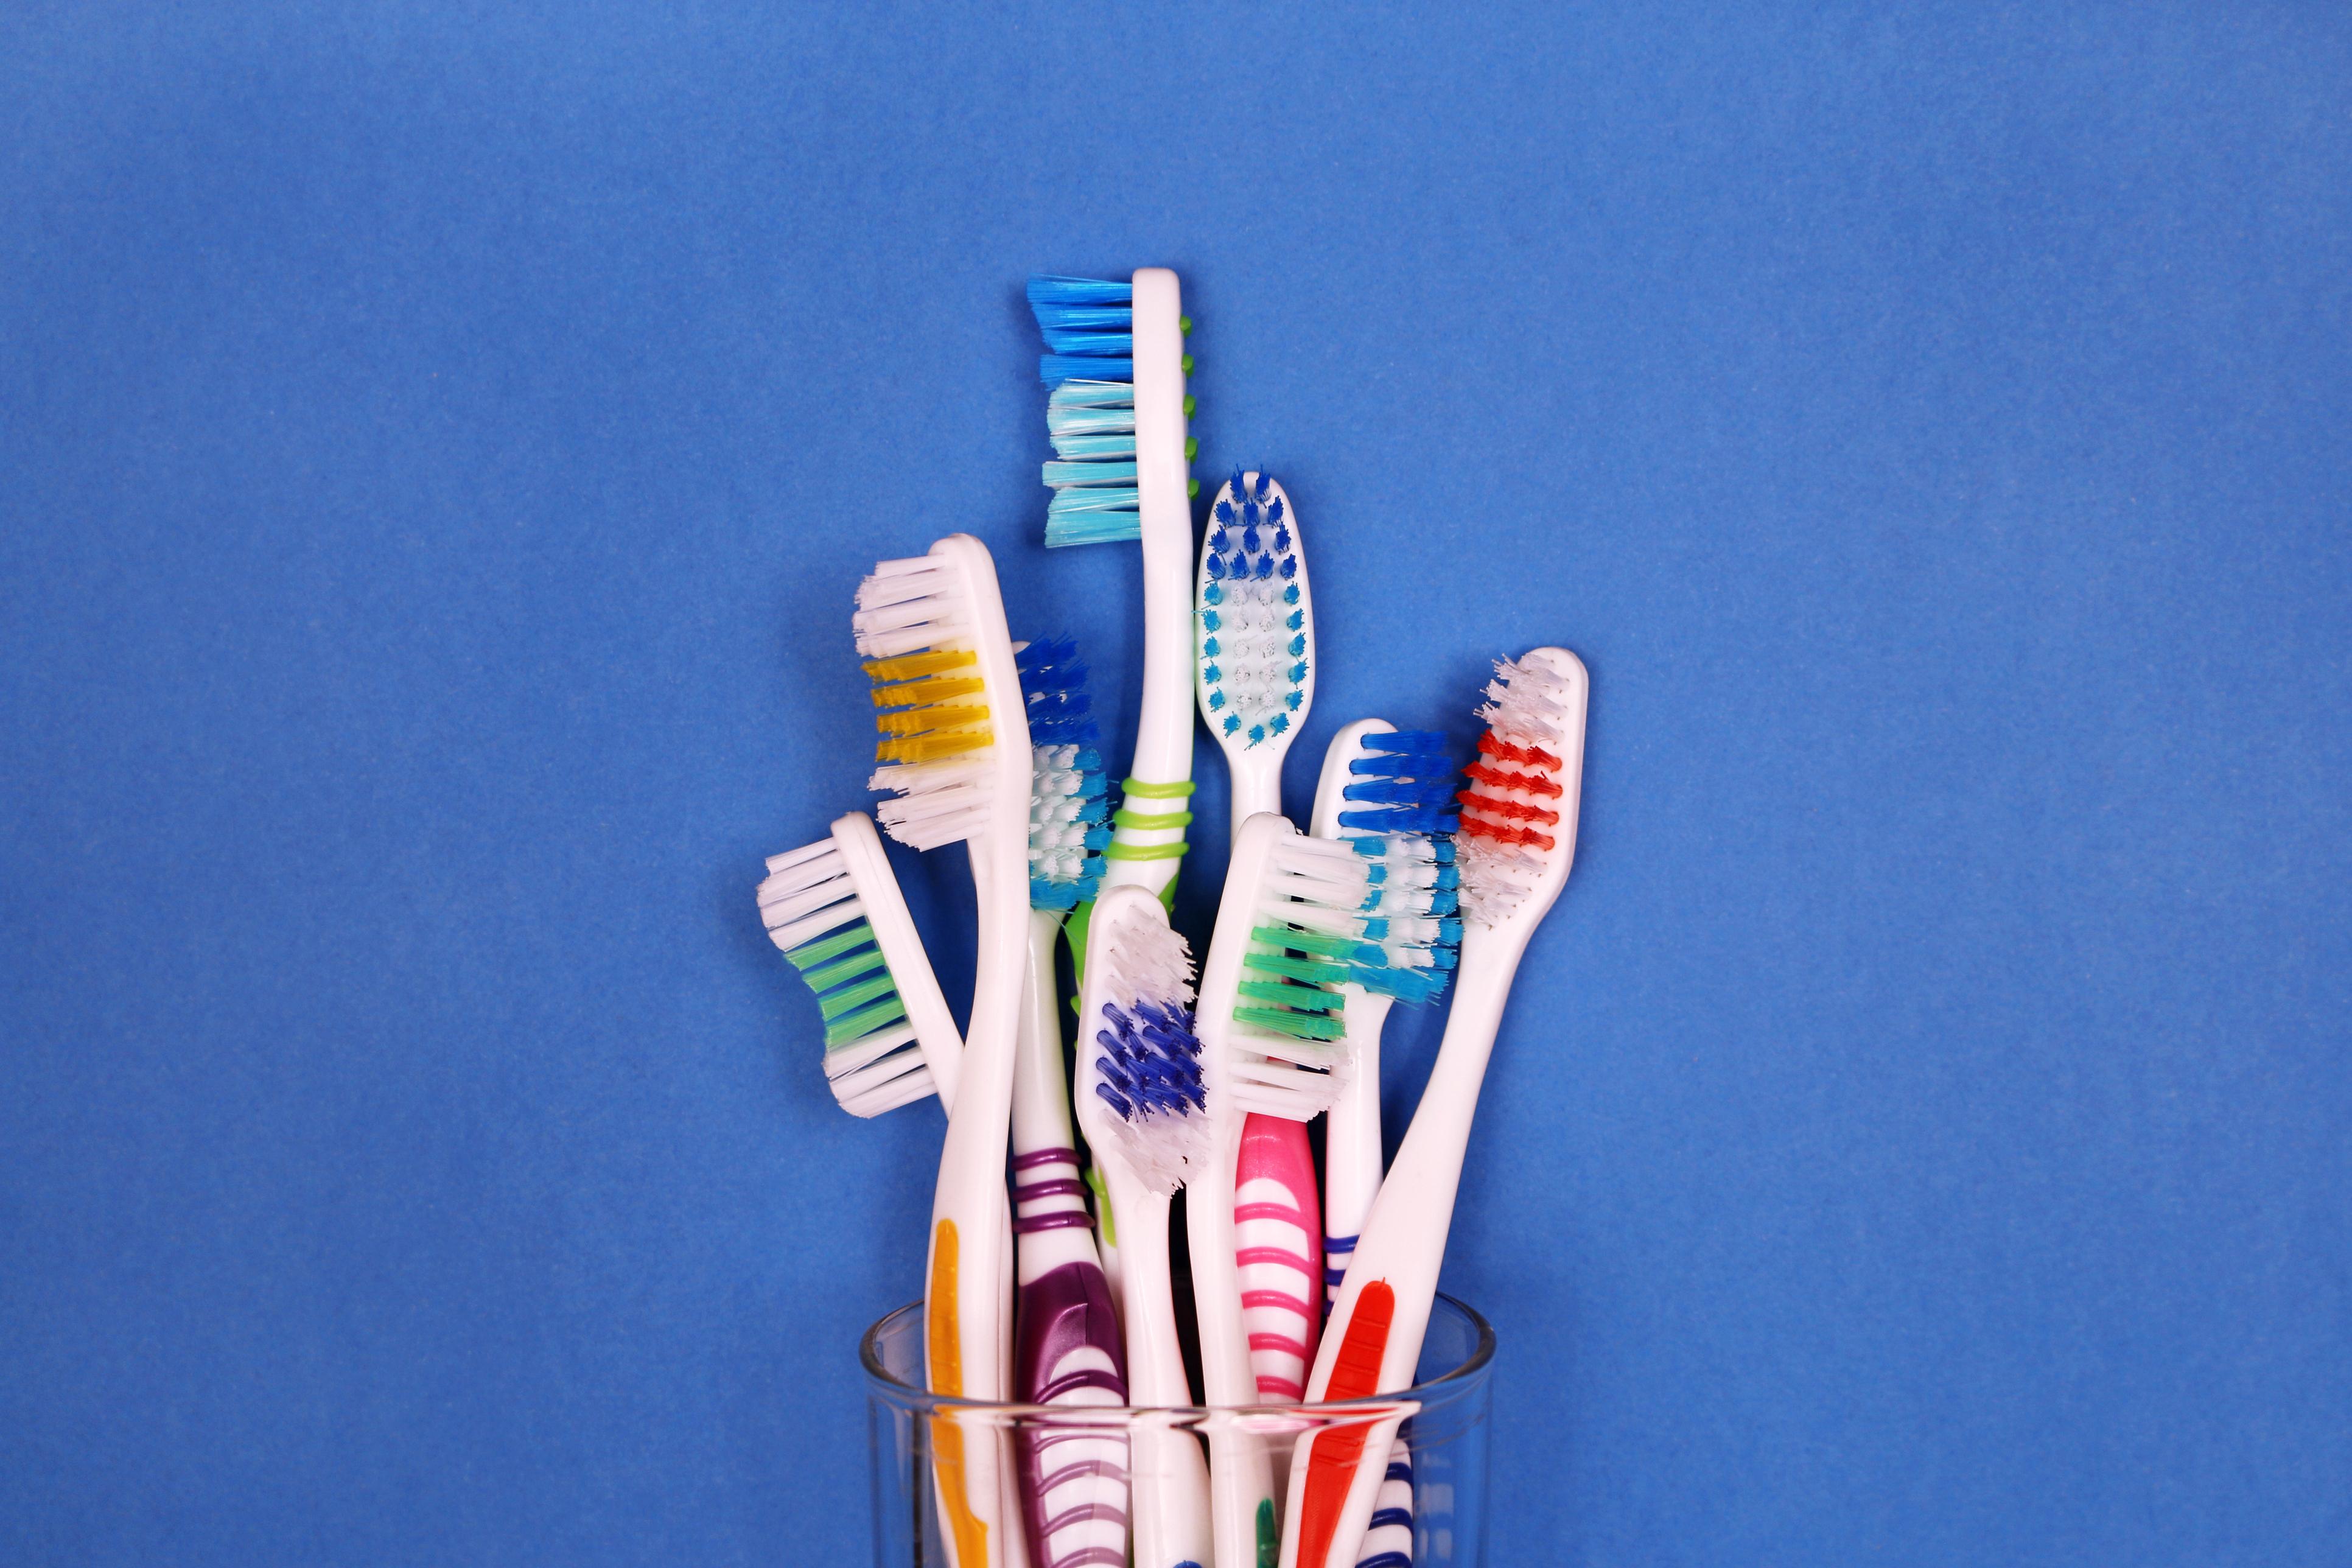 За маникюр.<br /> За по-смелите момичета четката за зъби може да бъде верен помощник и за един малко по-щур маникюр! Върху телесна основа избираме ярки цветове за комбинация и смело с четка за зъби изрисуваме пръски - много модернистично и авангардно, нали?